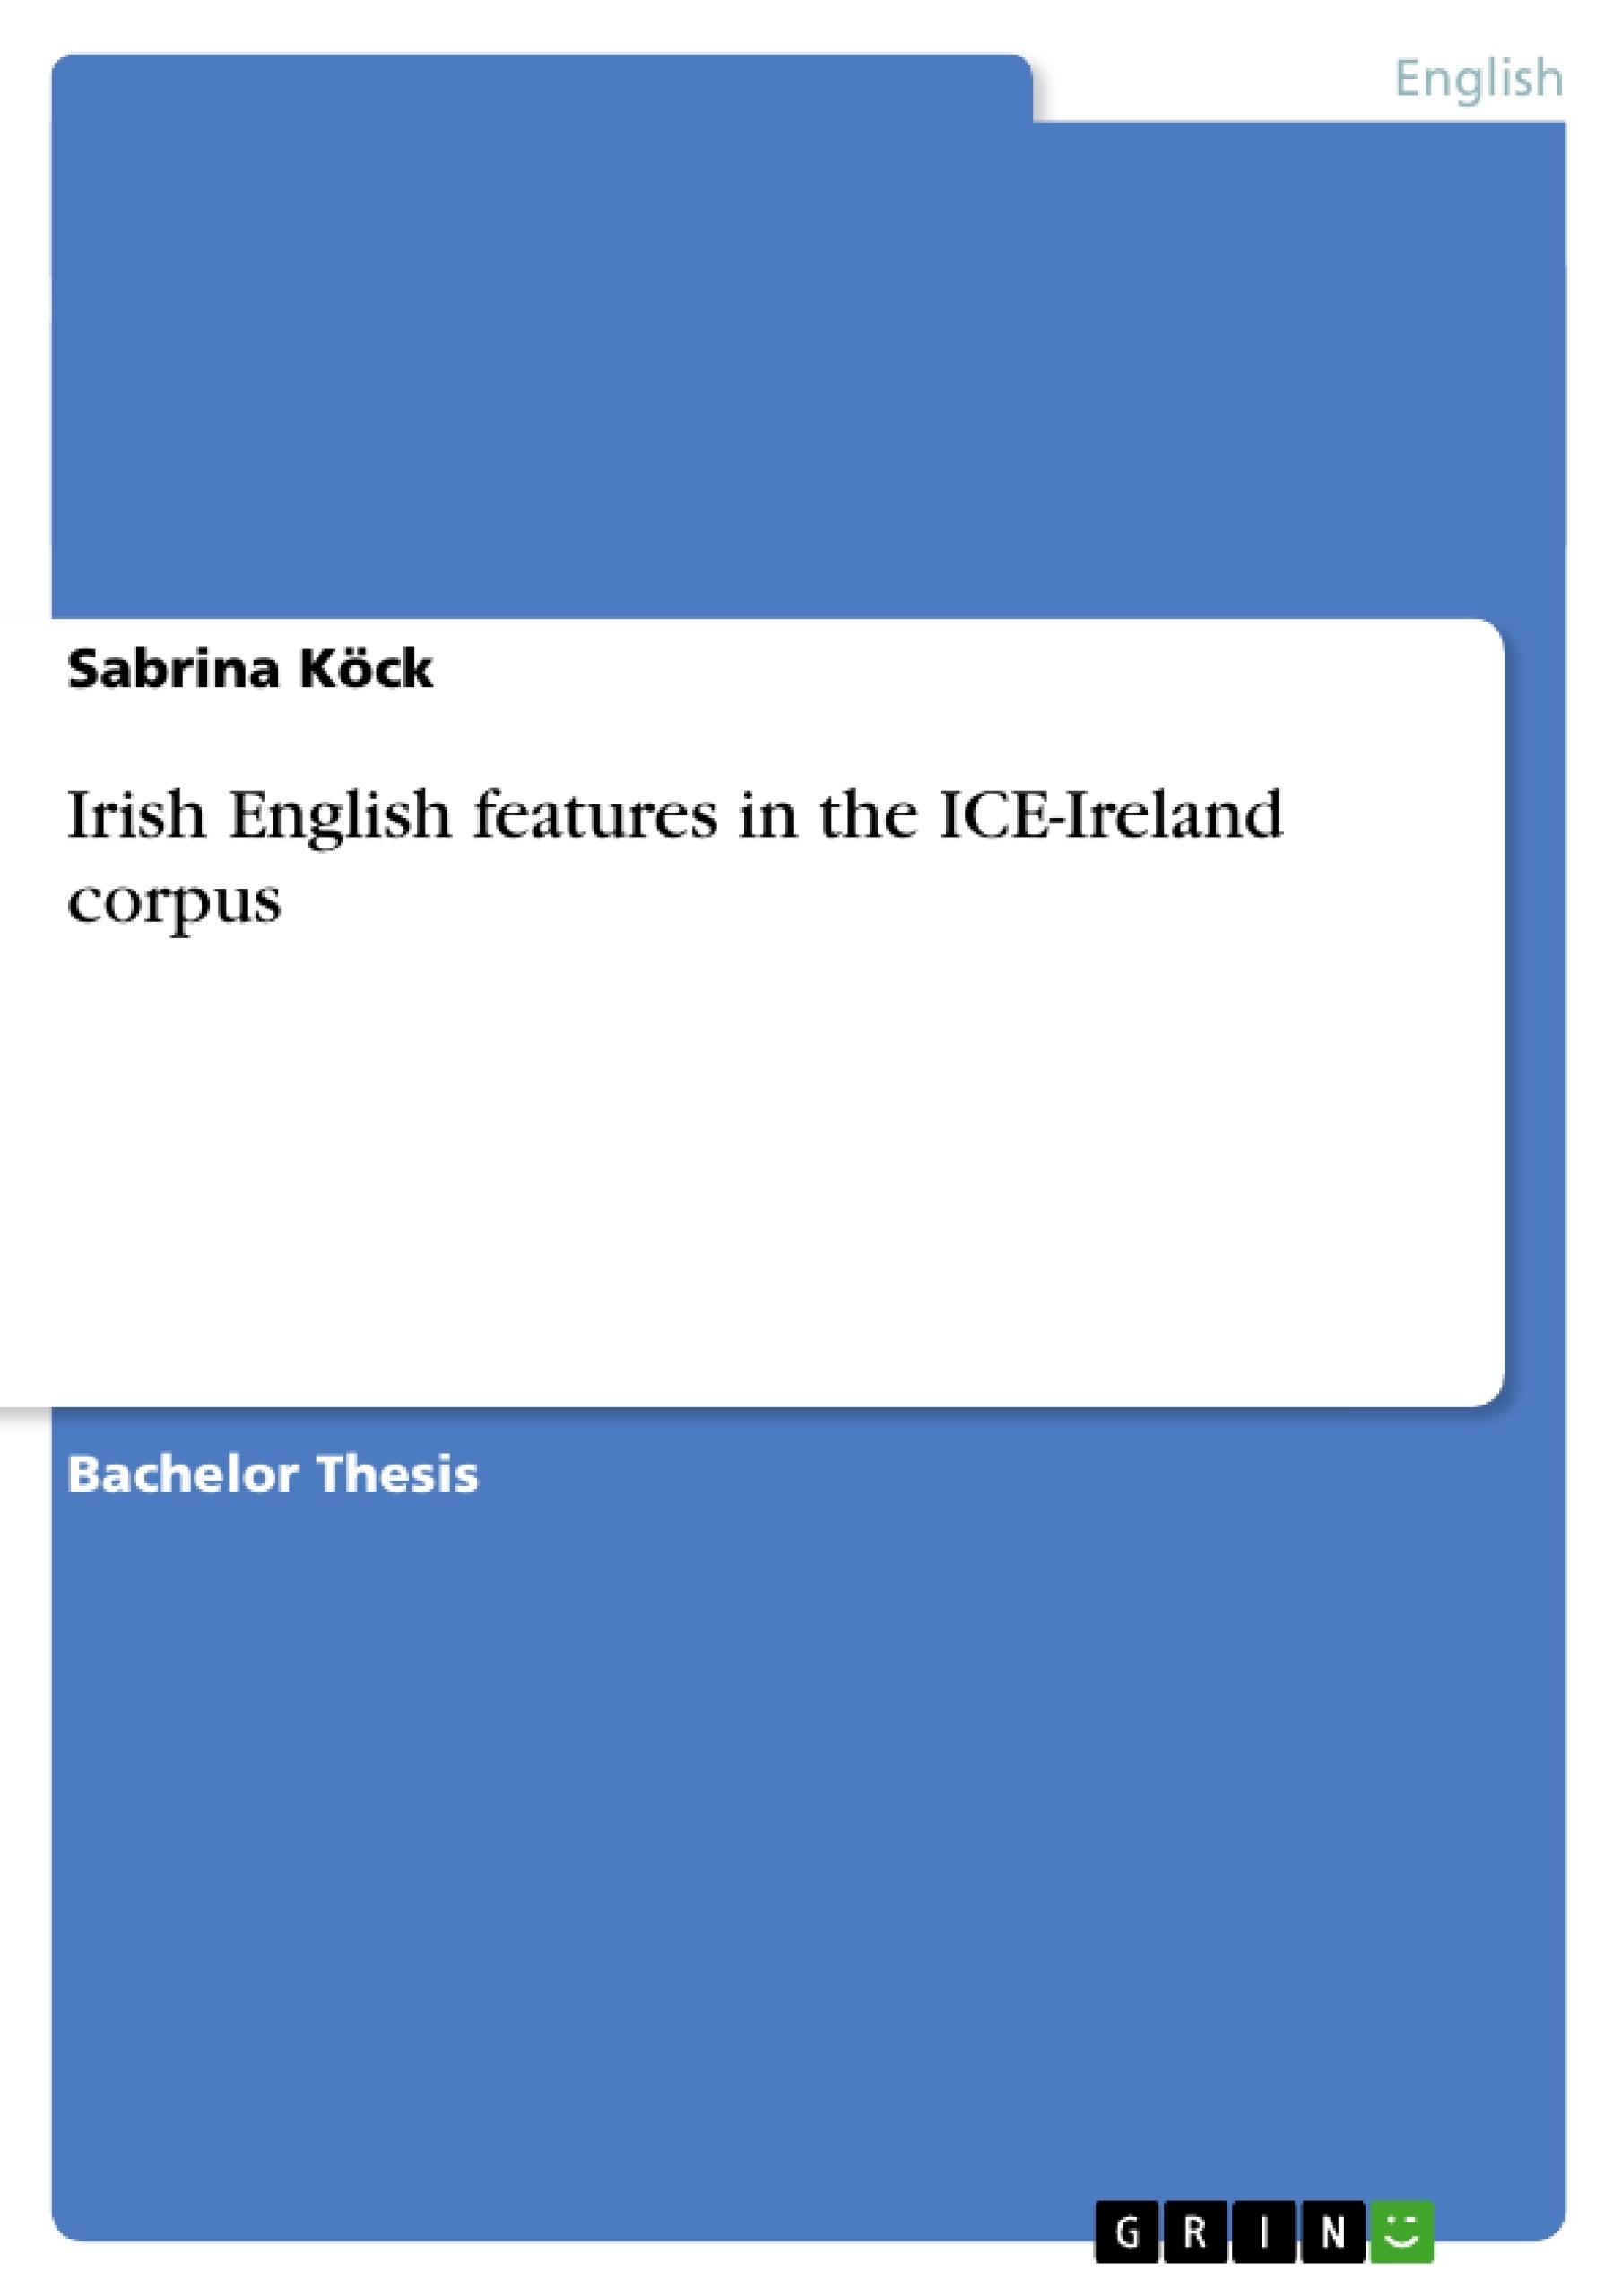 Title: Irish English features in the ICE-Ireland corpus